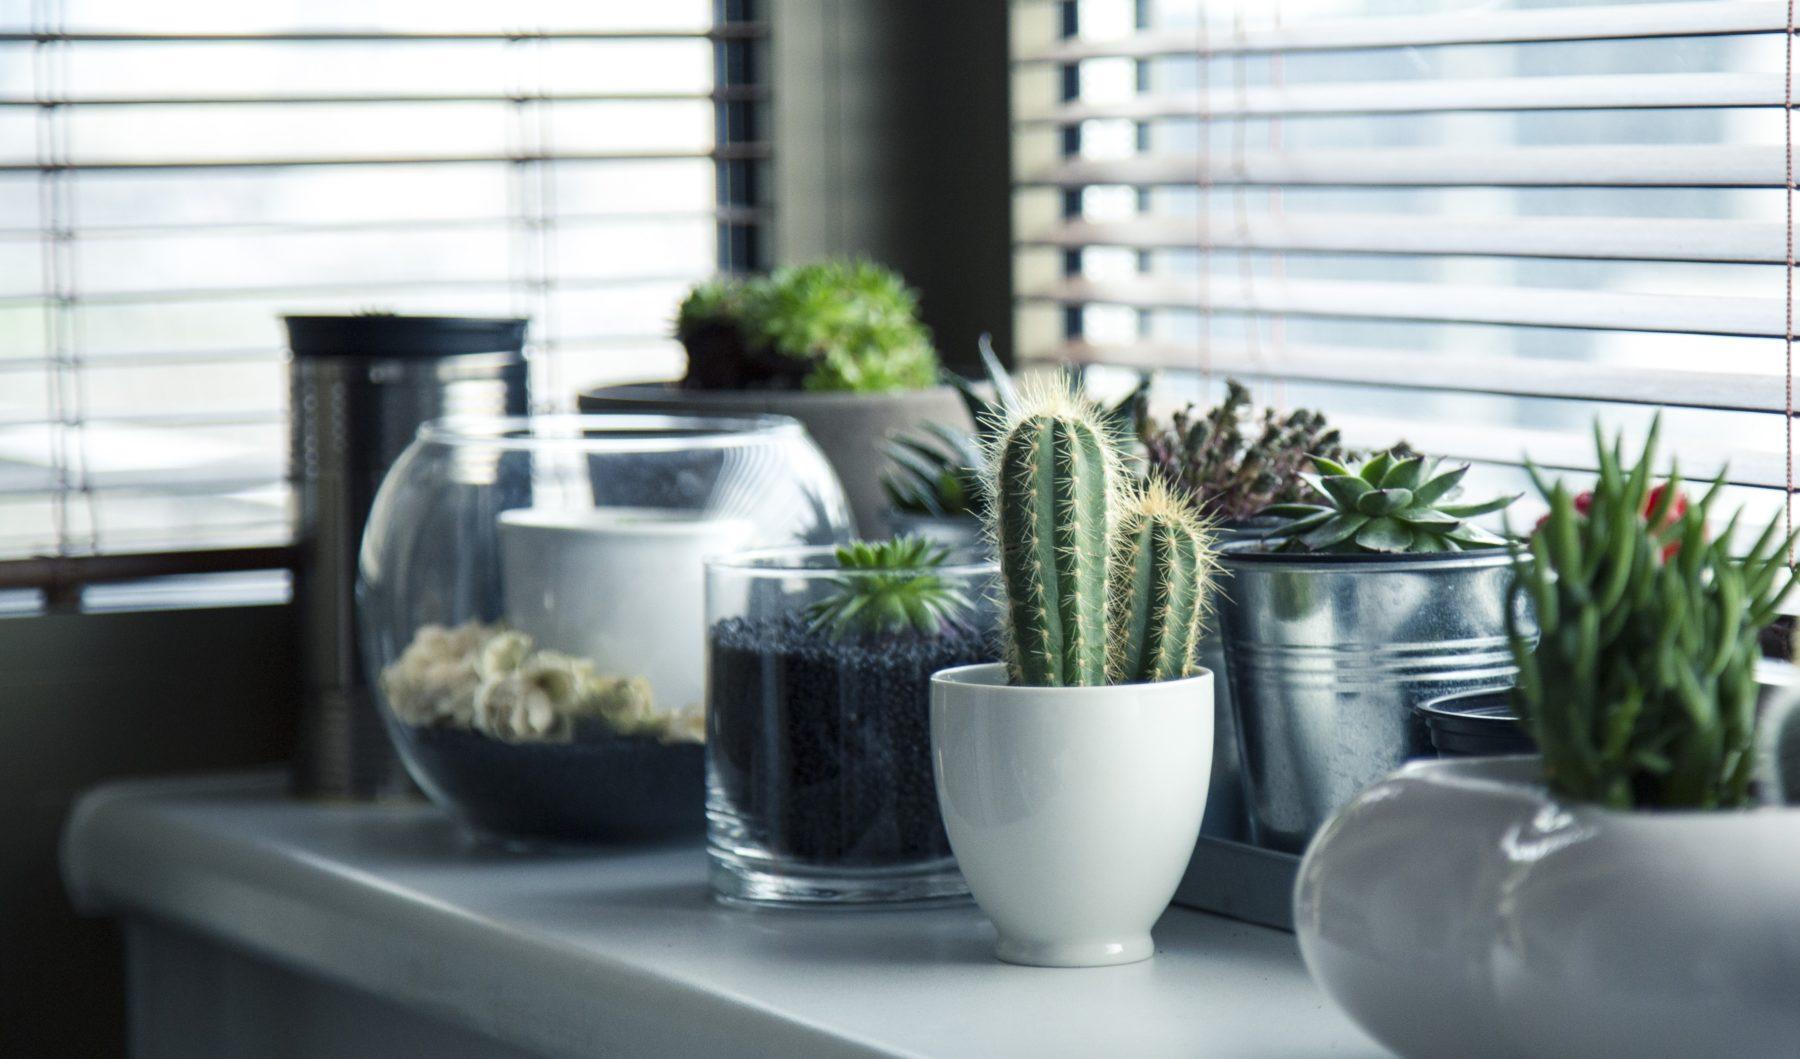 Zimmerpflanzen Die Wenig Wasser Benötigen 8 robuste zimmerpflanzen die besonders wenig wasser brauchen